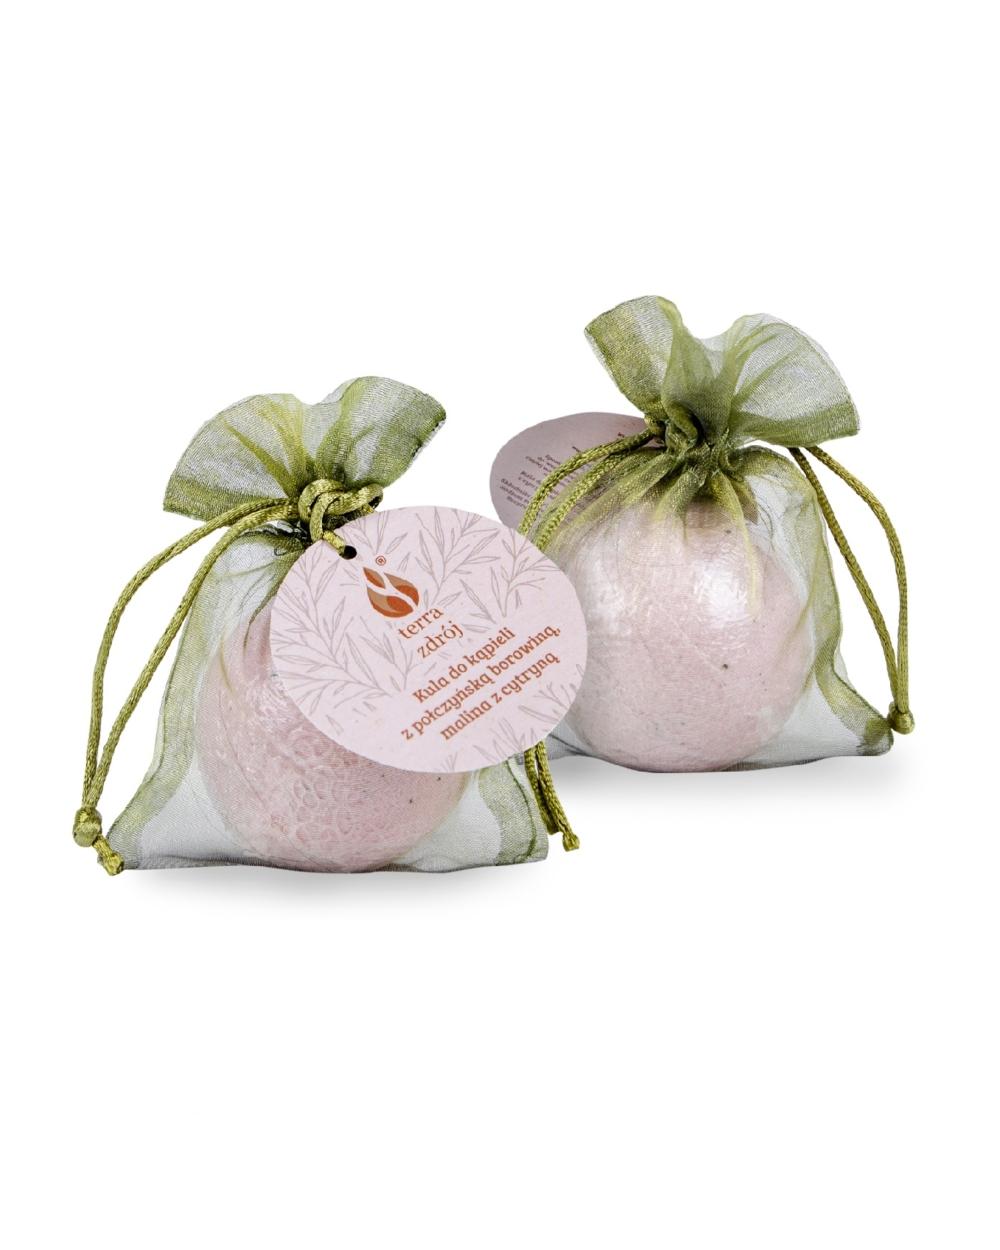 Musująca kula do kąpieli z połczyńską borowiną o zapachu maliny z cytryną